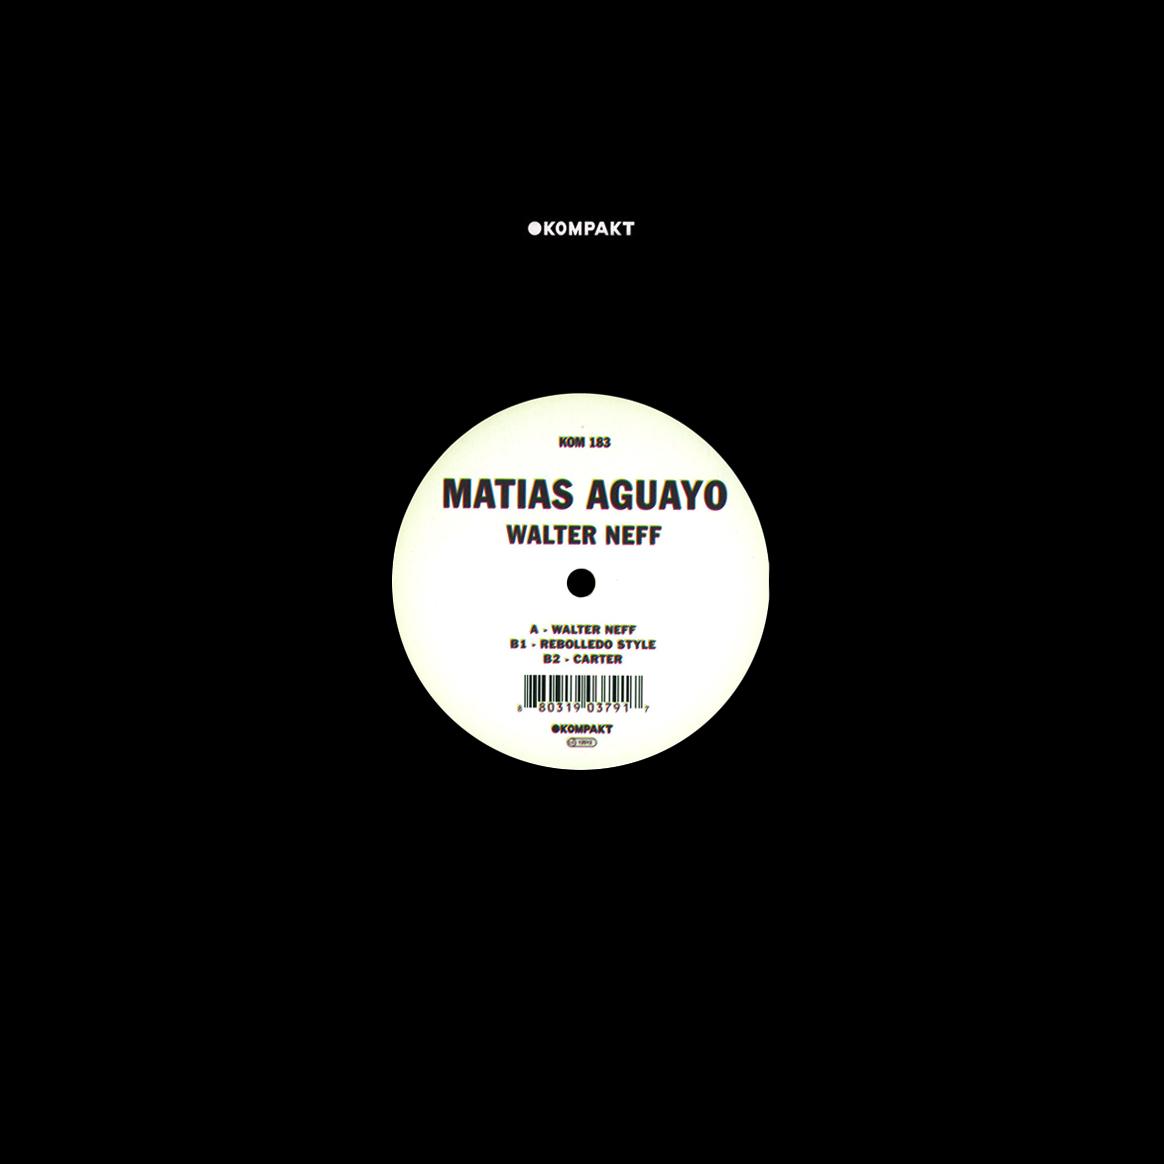 Matias-Aguayo-Walter-Neff-Kompakt